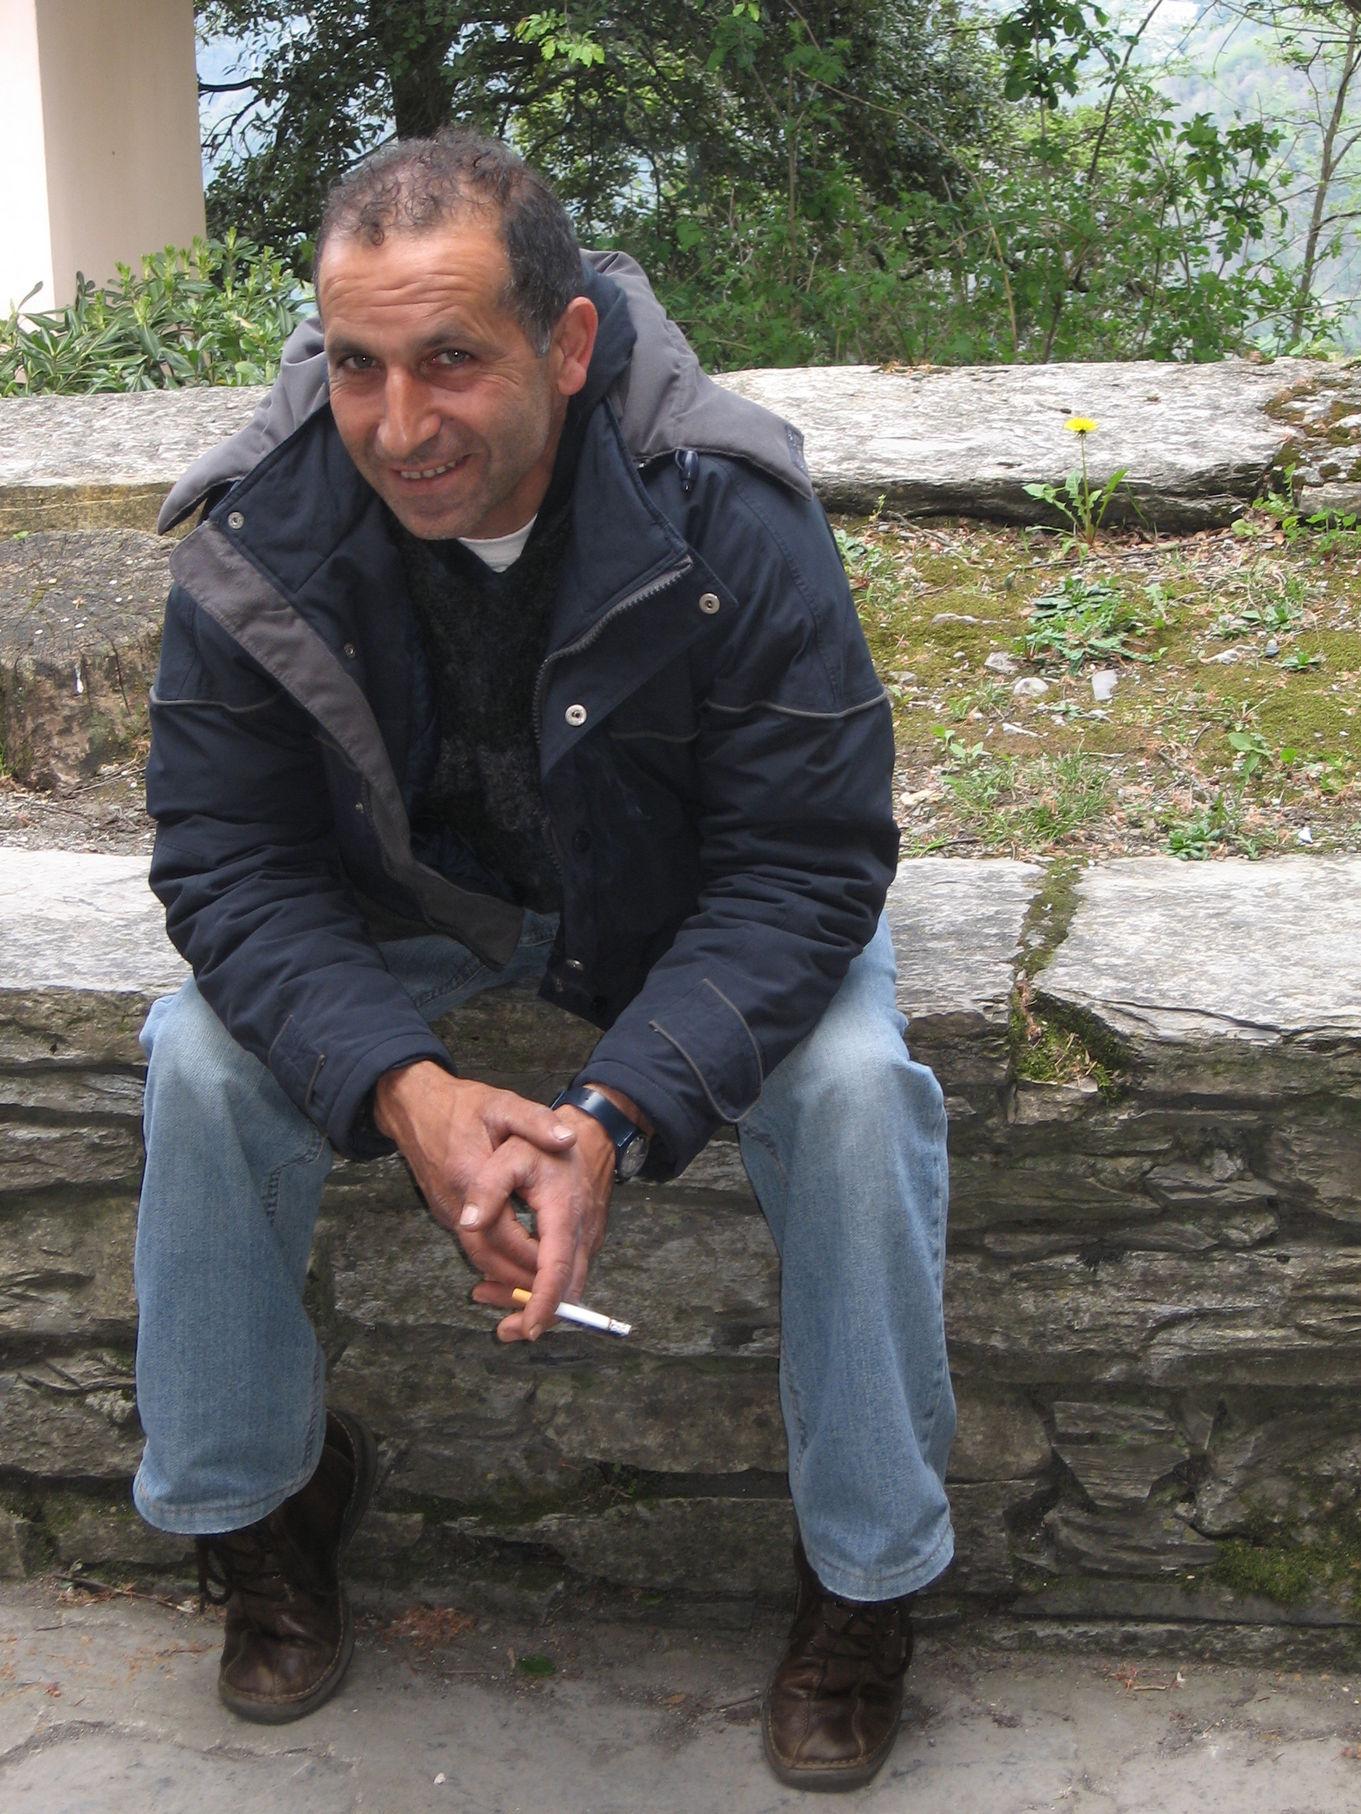 Montallegro-2009-04-13--12.51.12.jpg